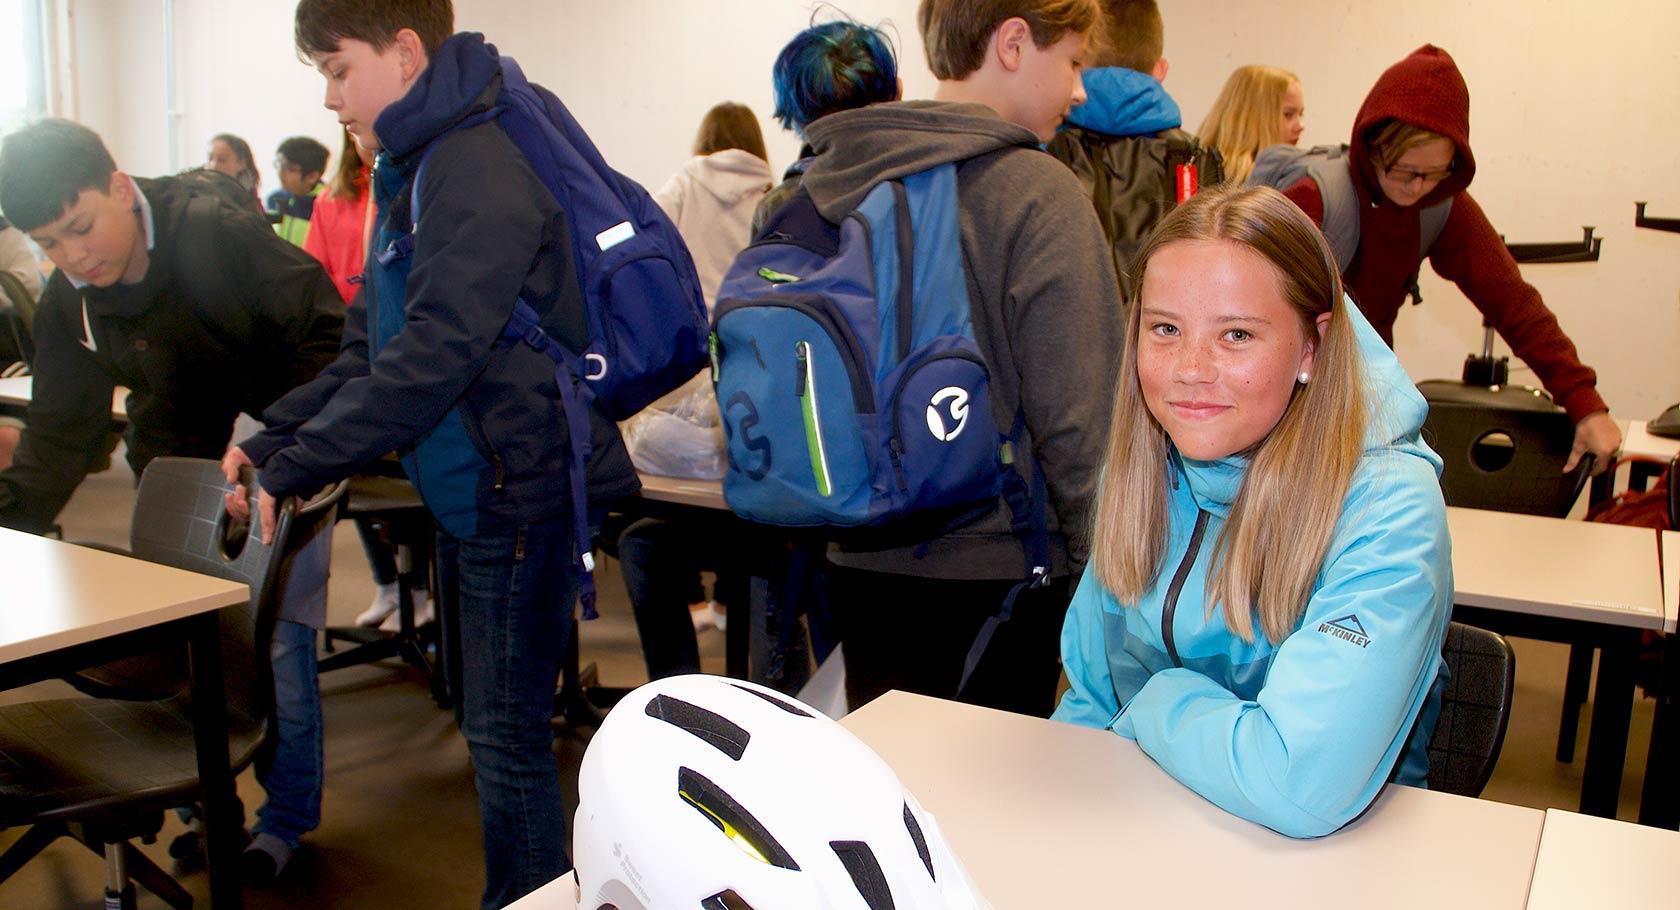 PÅ FØRSTE RAD: Tina Hjalland har funnet sin plass på nye og miljøvennlige Vestsiden ungdomsskole.